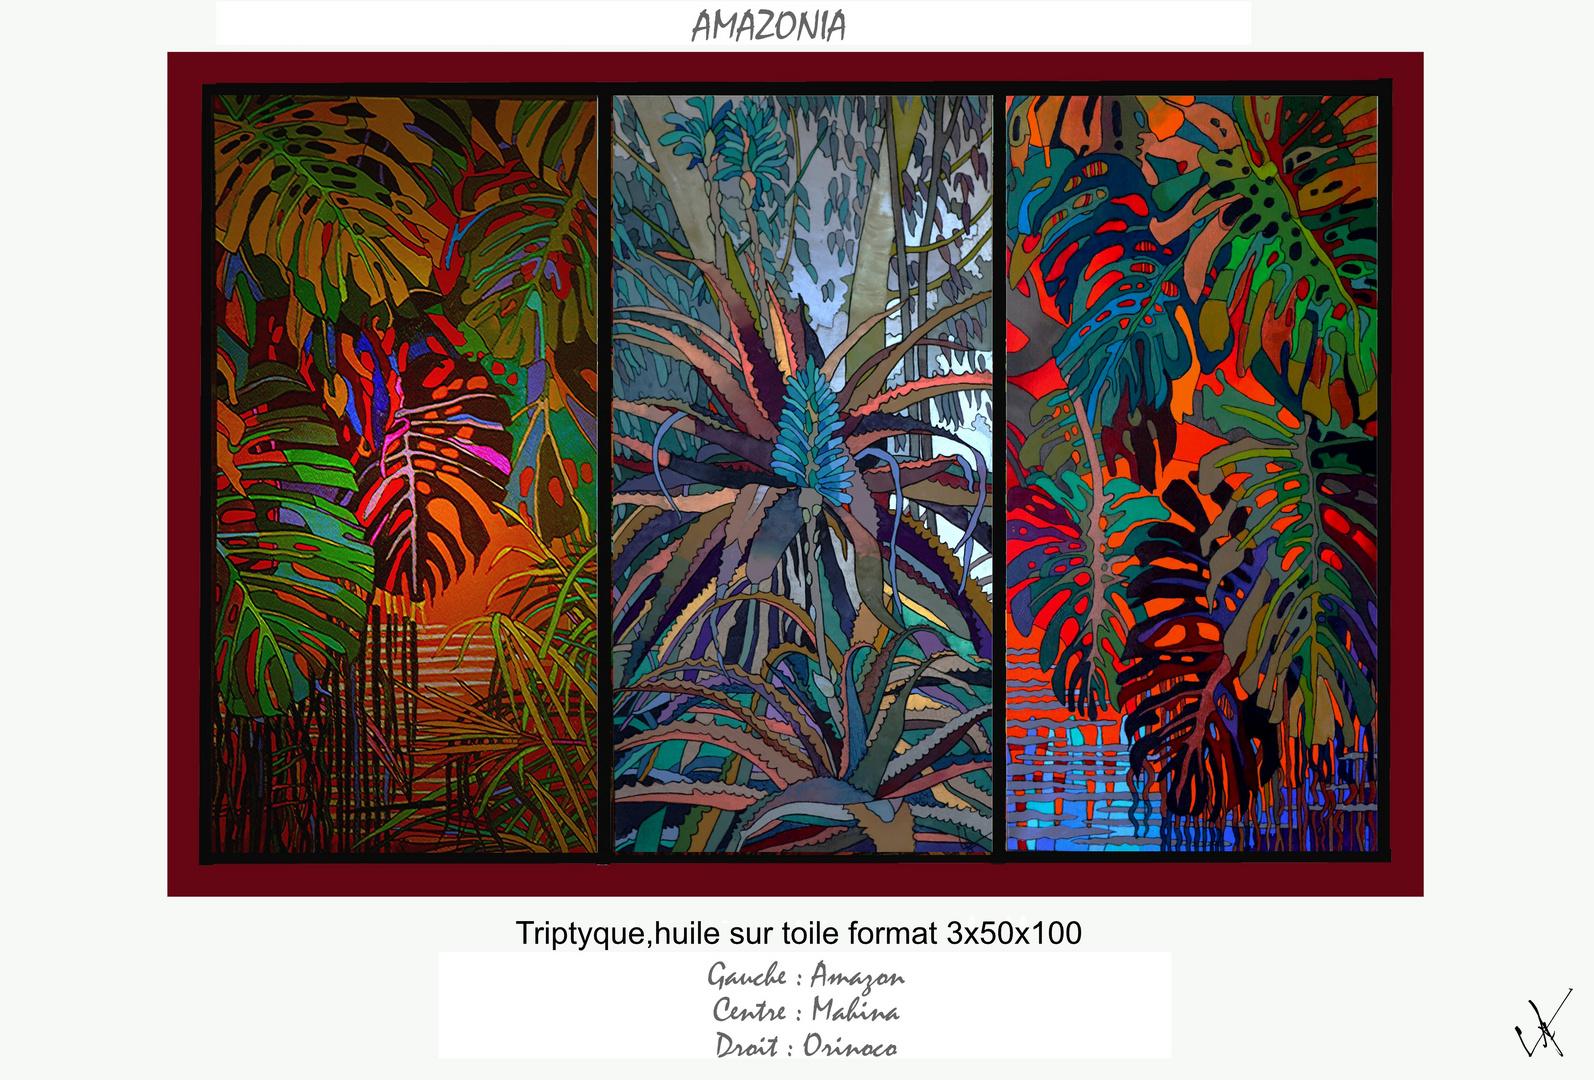 AMAZONIA-TRIPTYQUE 3X50/100 huile sur toile